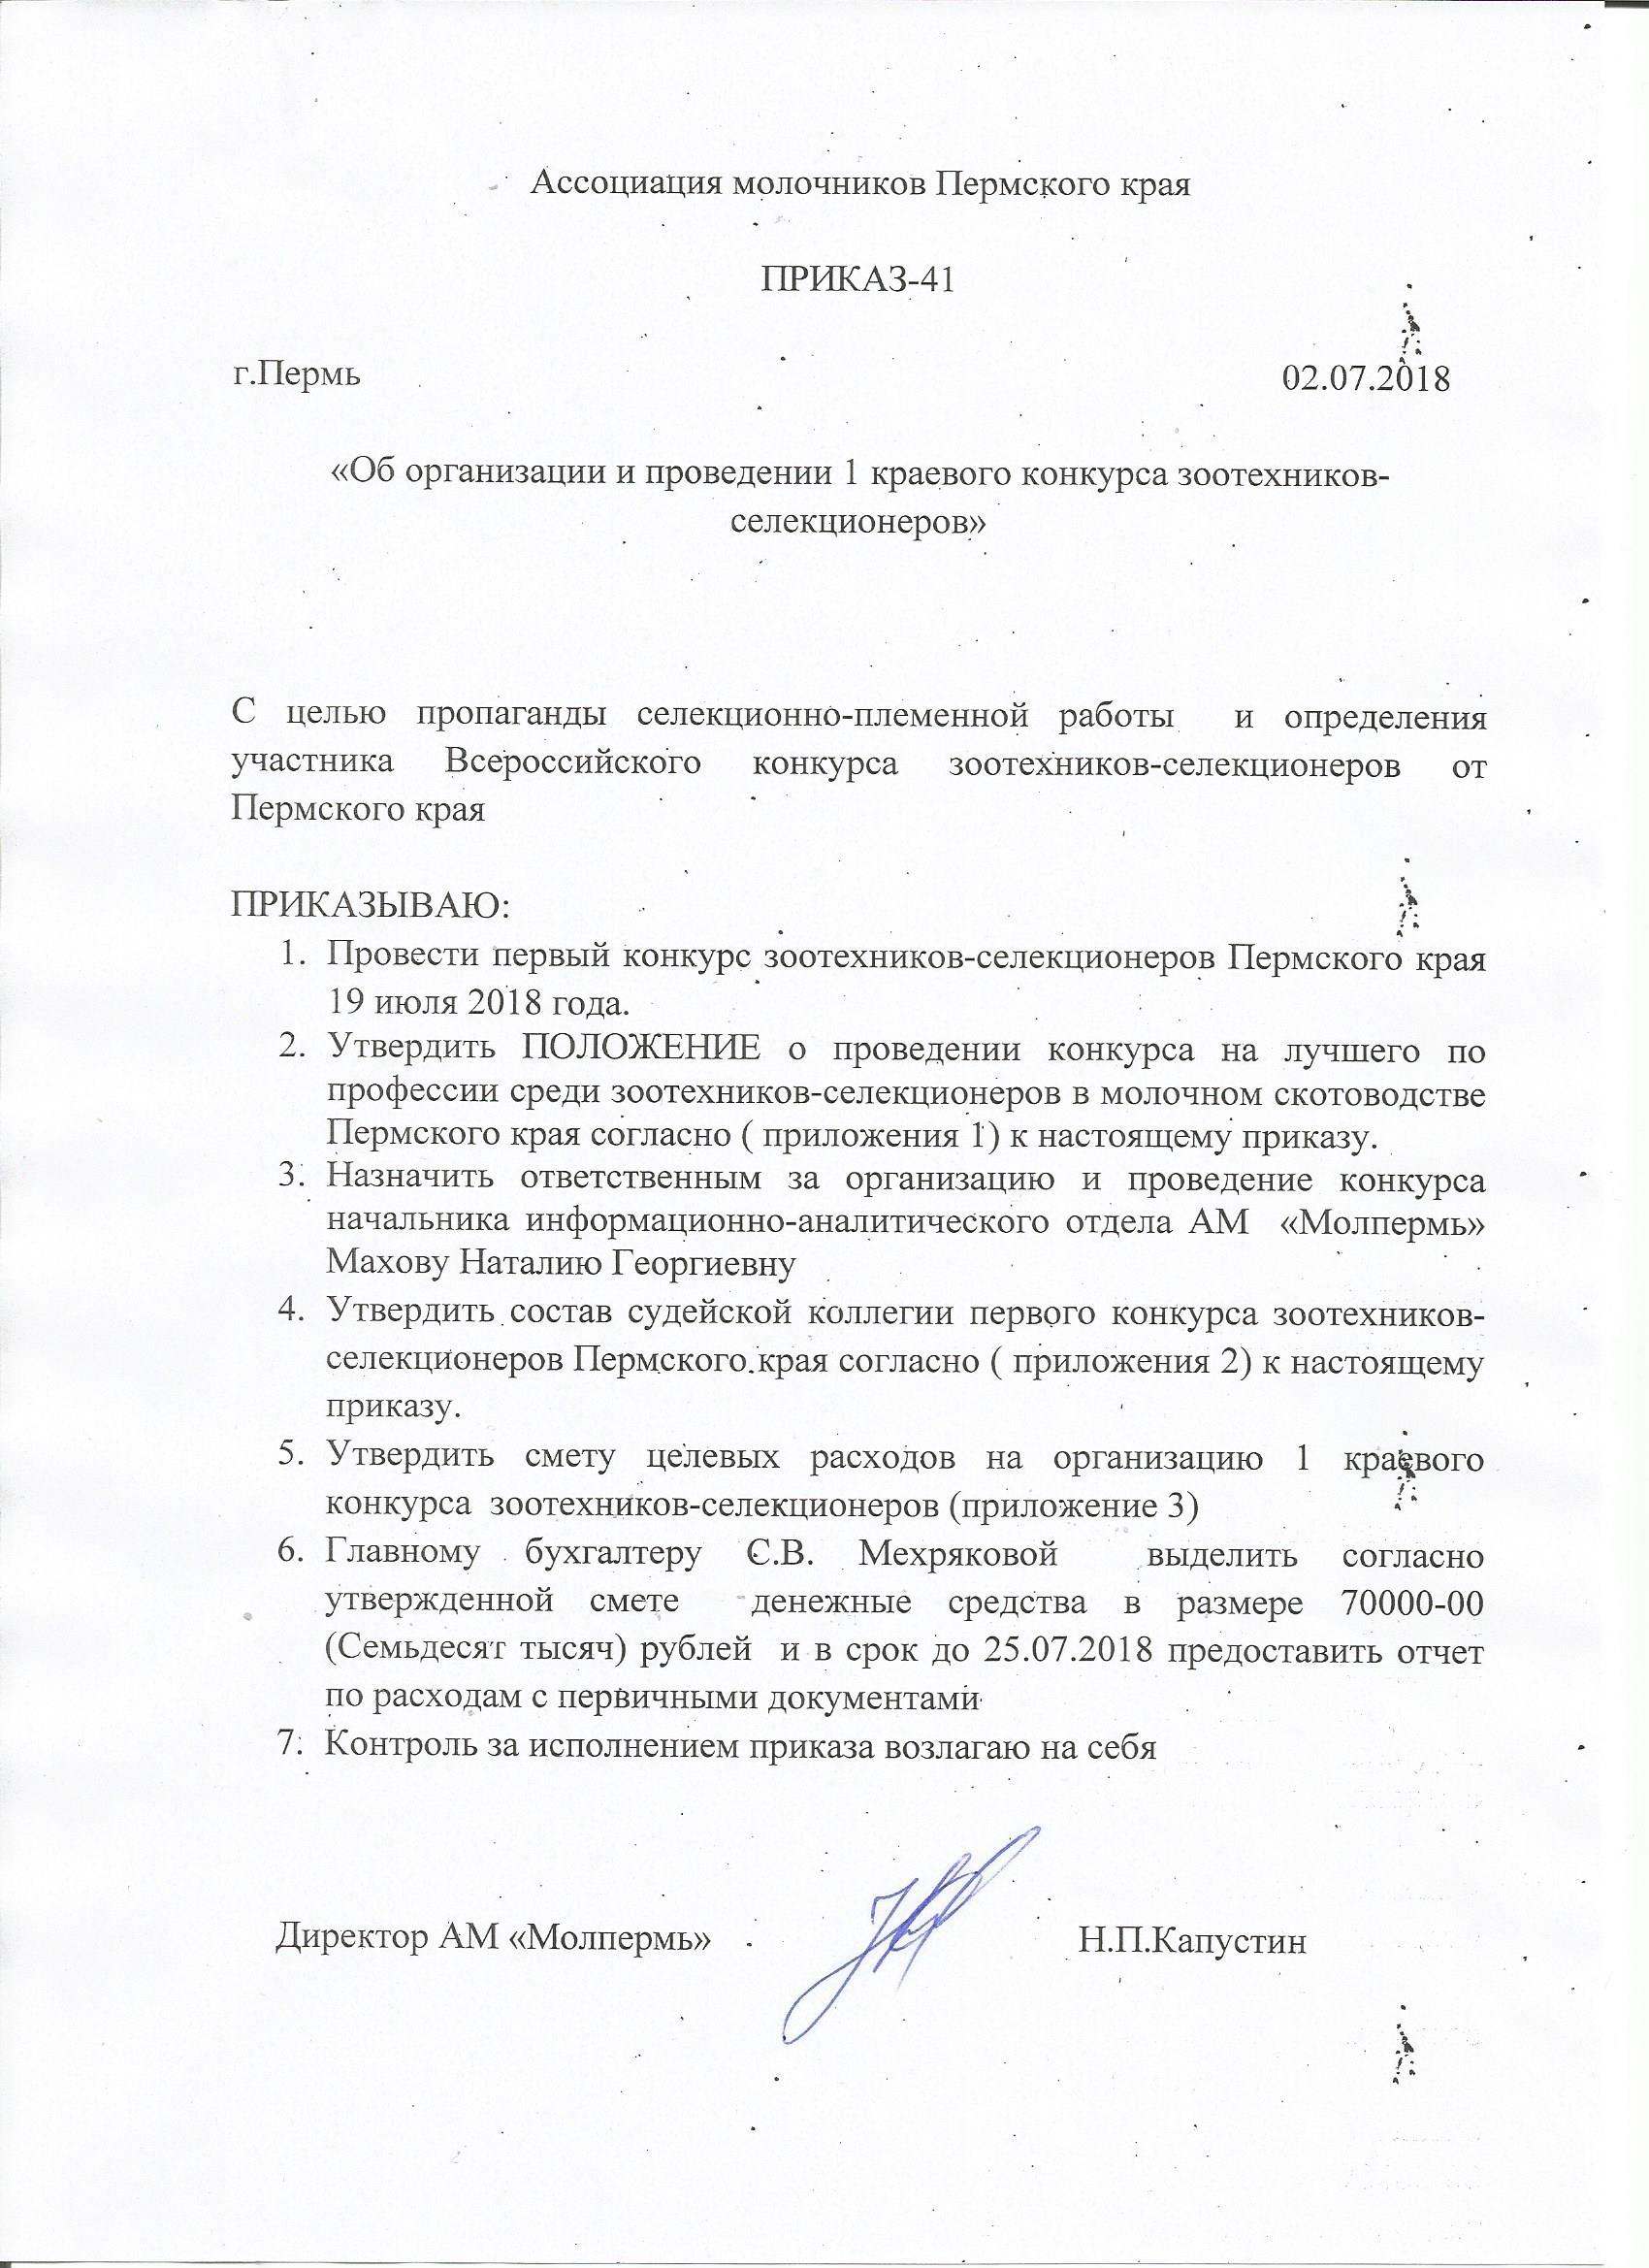 19 июля 2018 года состоится первый конкурс зоотехников-селекционеров Пермского края